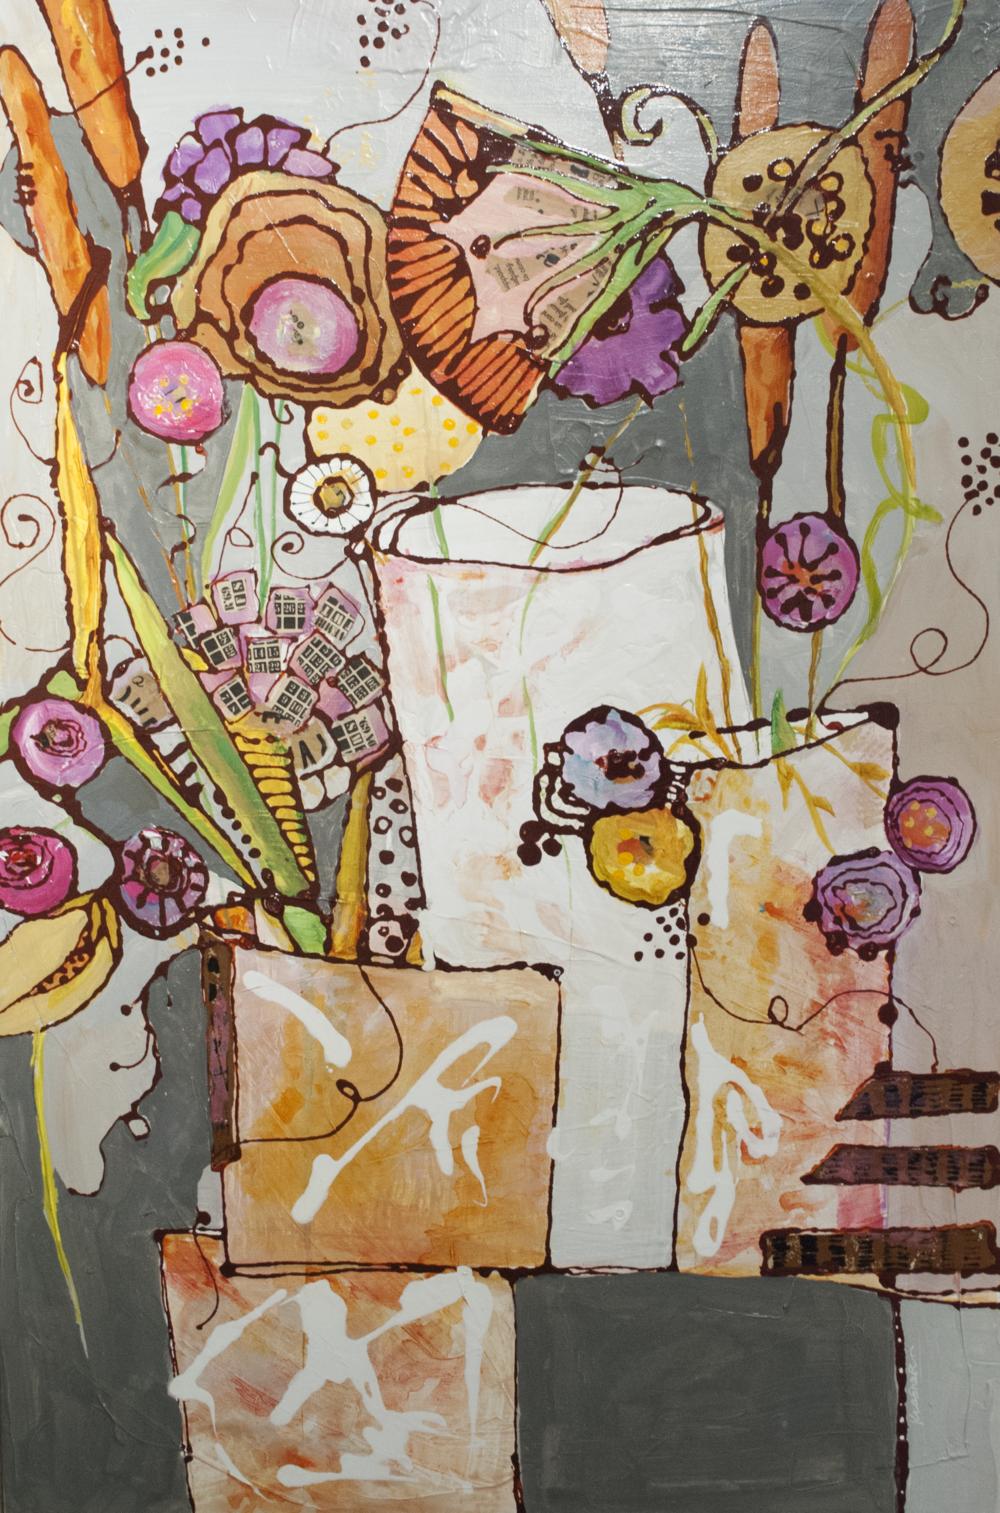 MERIT: WILD FLOWERS BY JILL KRASNER